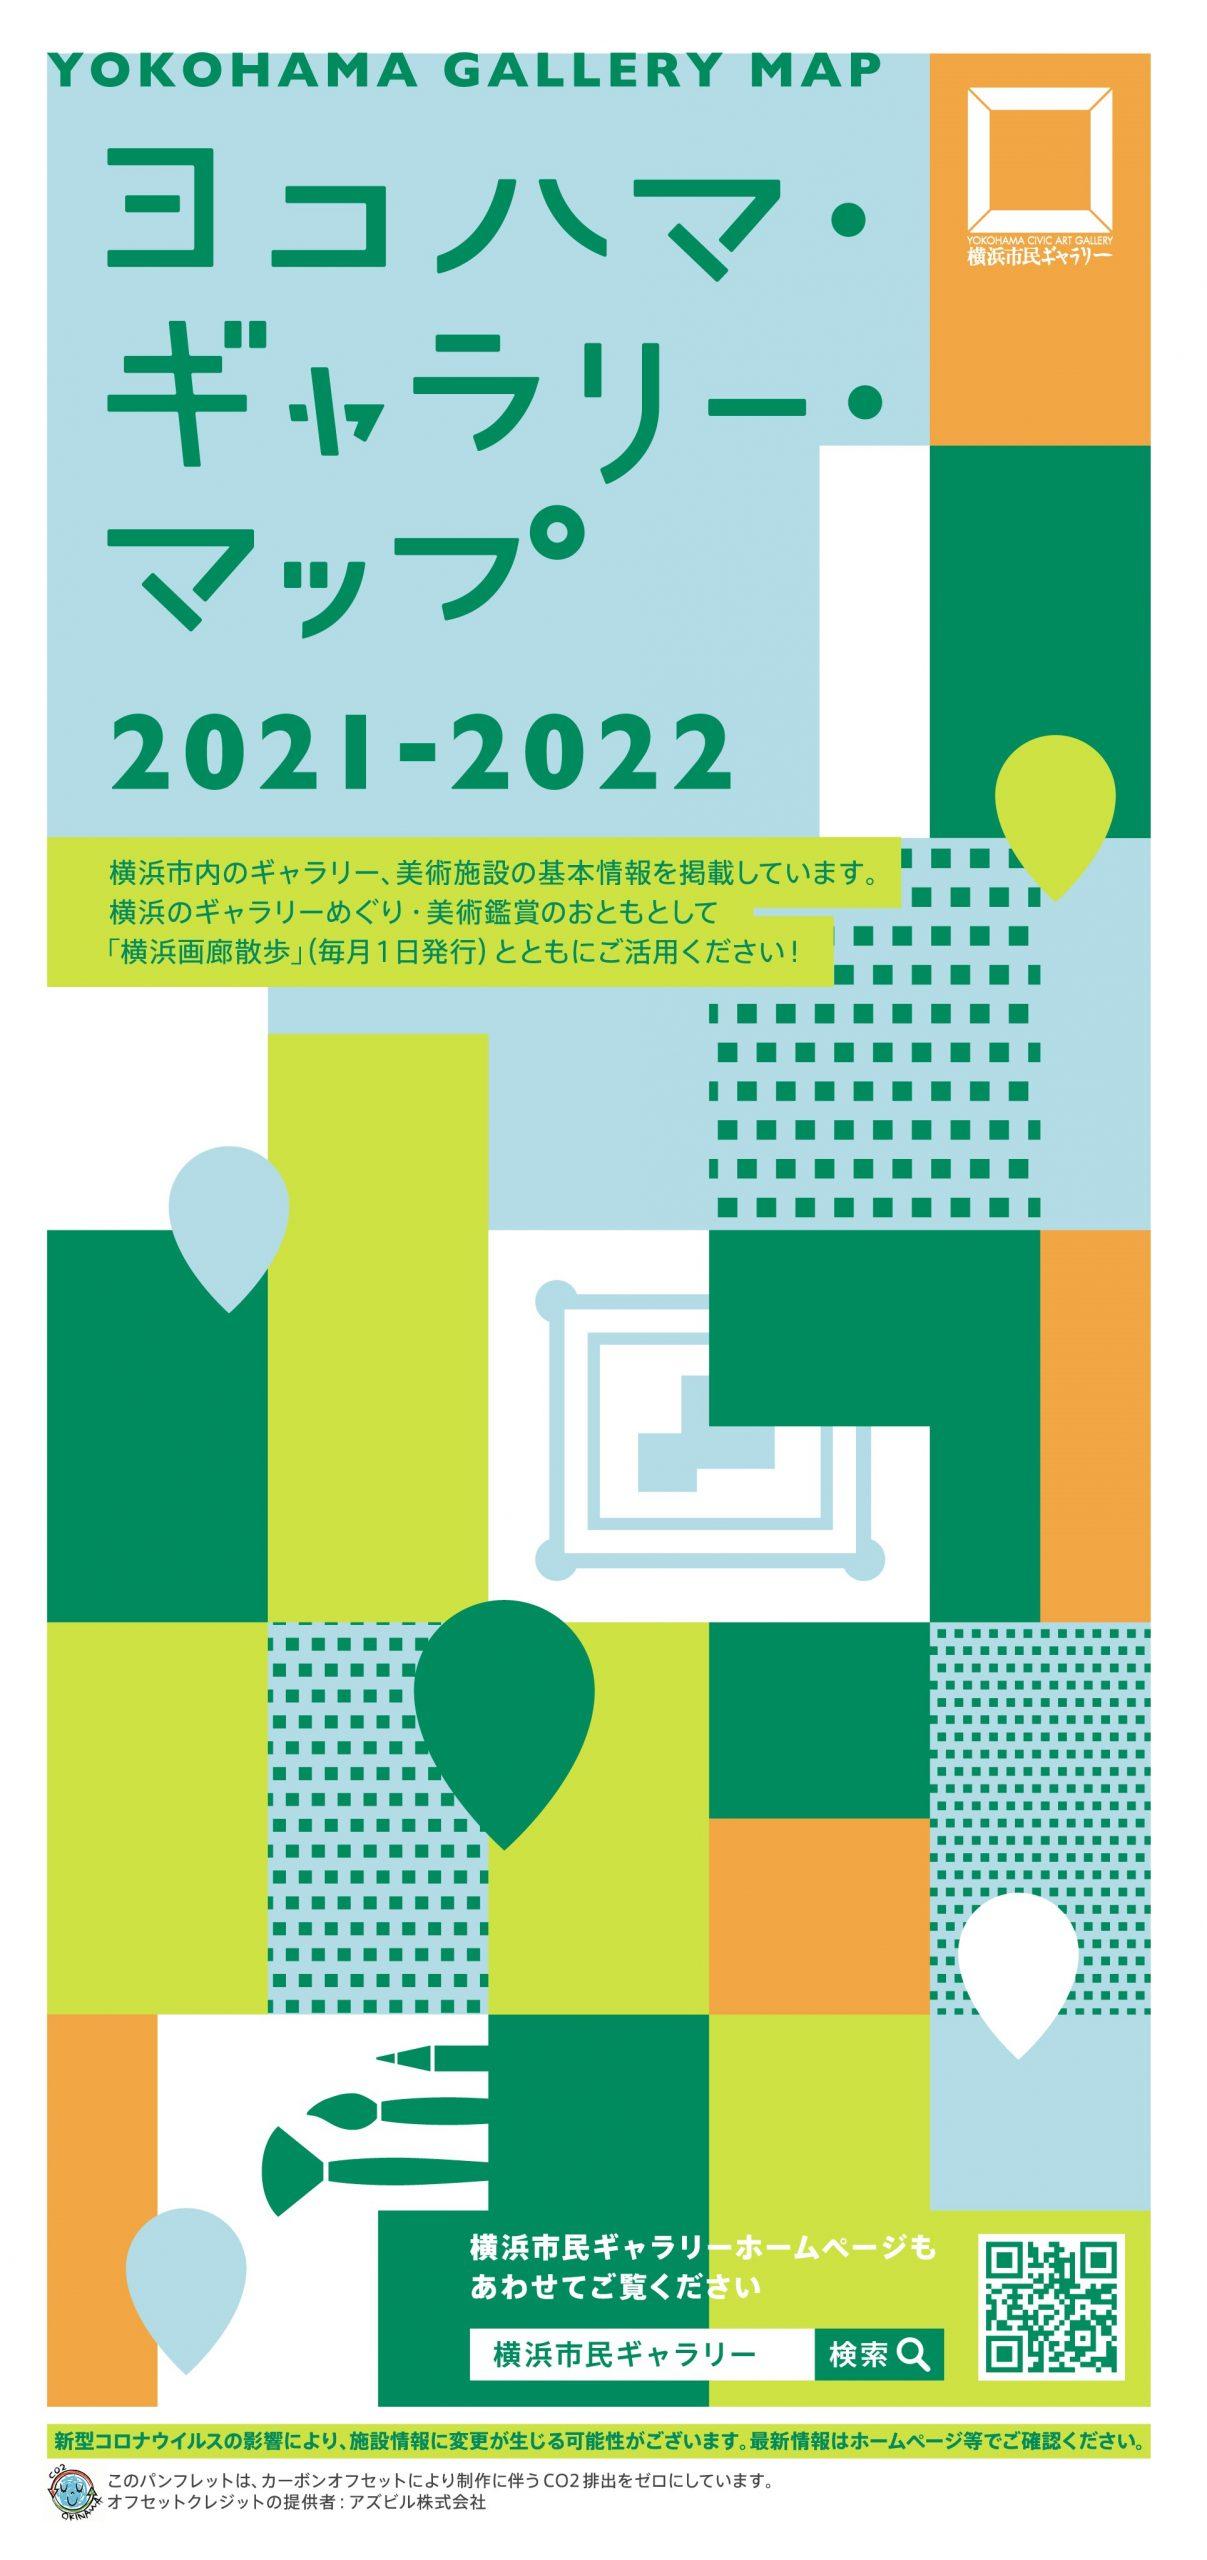 ヨコハマギャラリーマップ2021年度